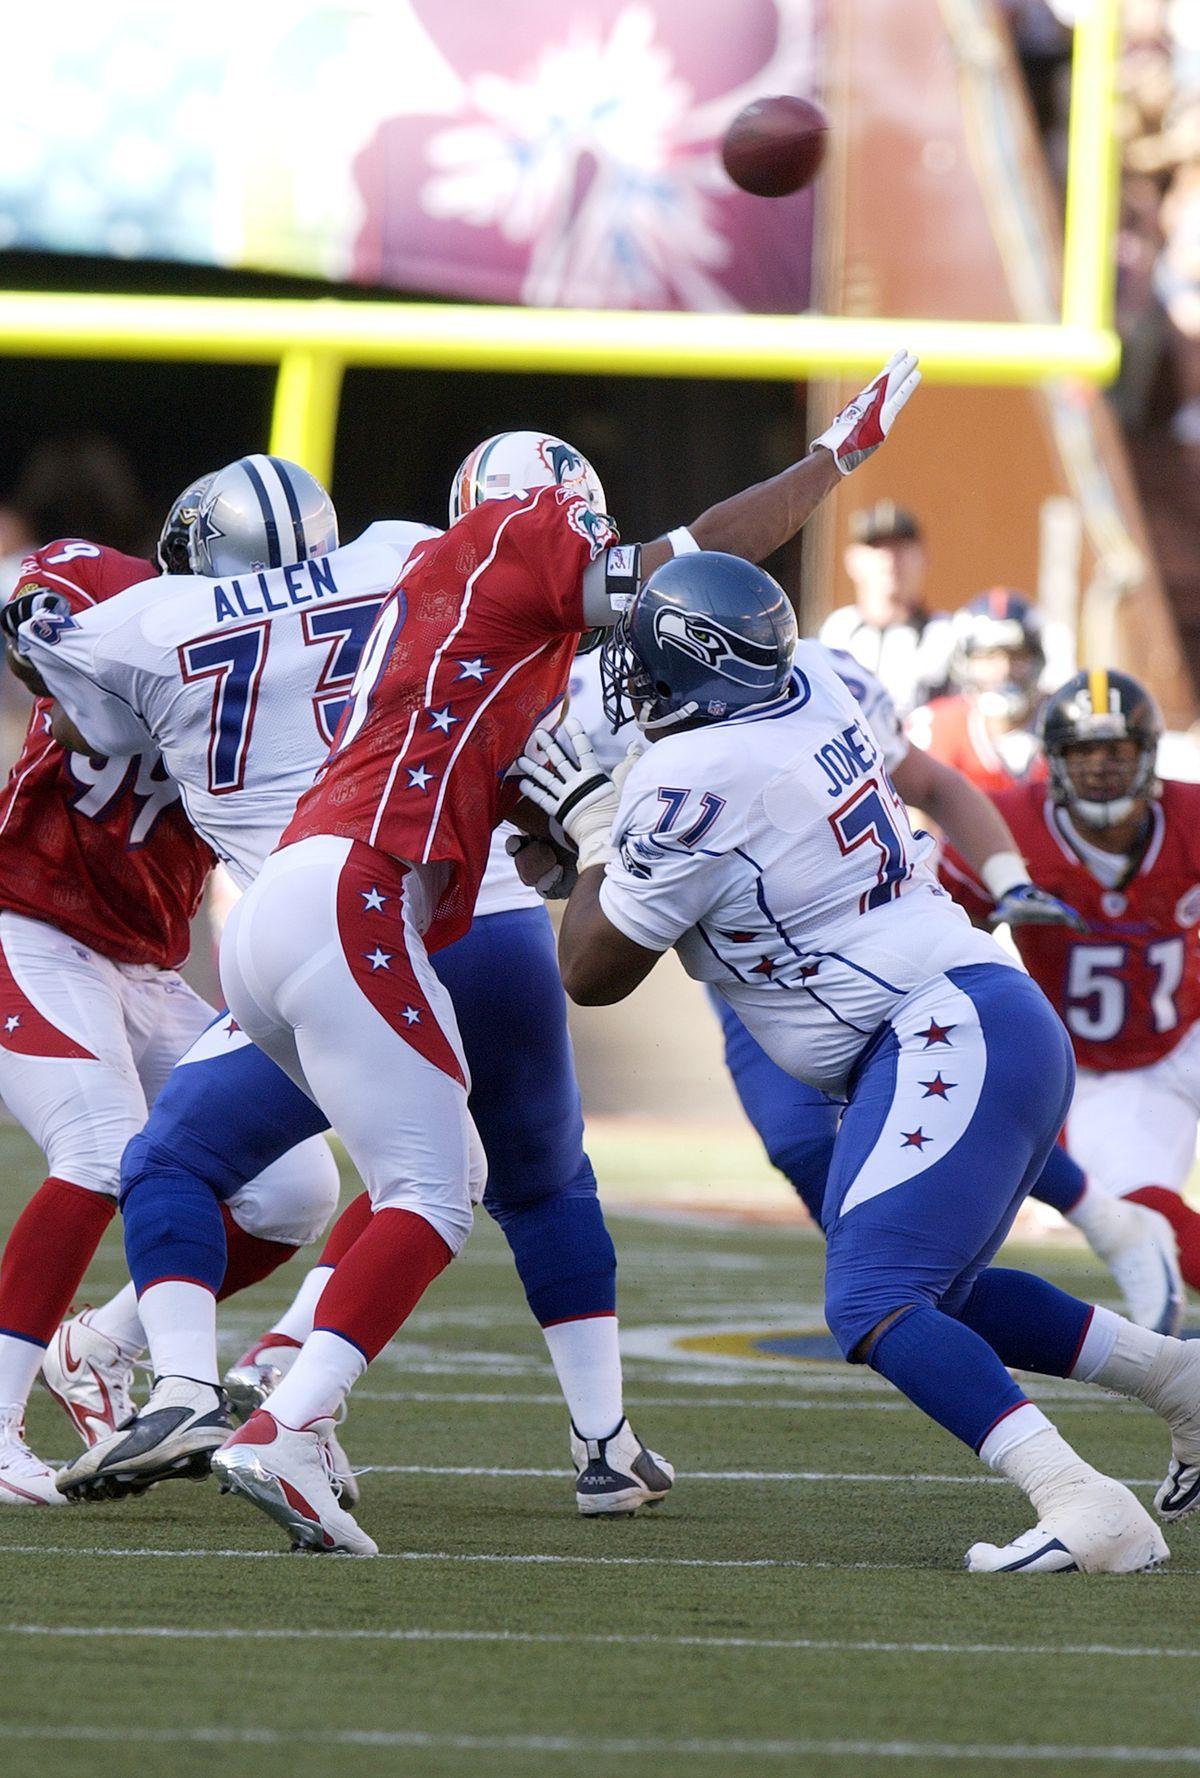 2007 NFL Pro Bowl Game - AFC v NFC